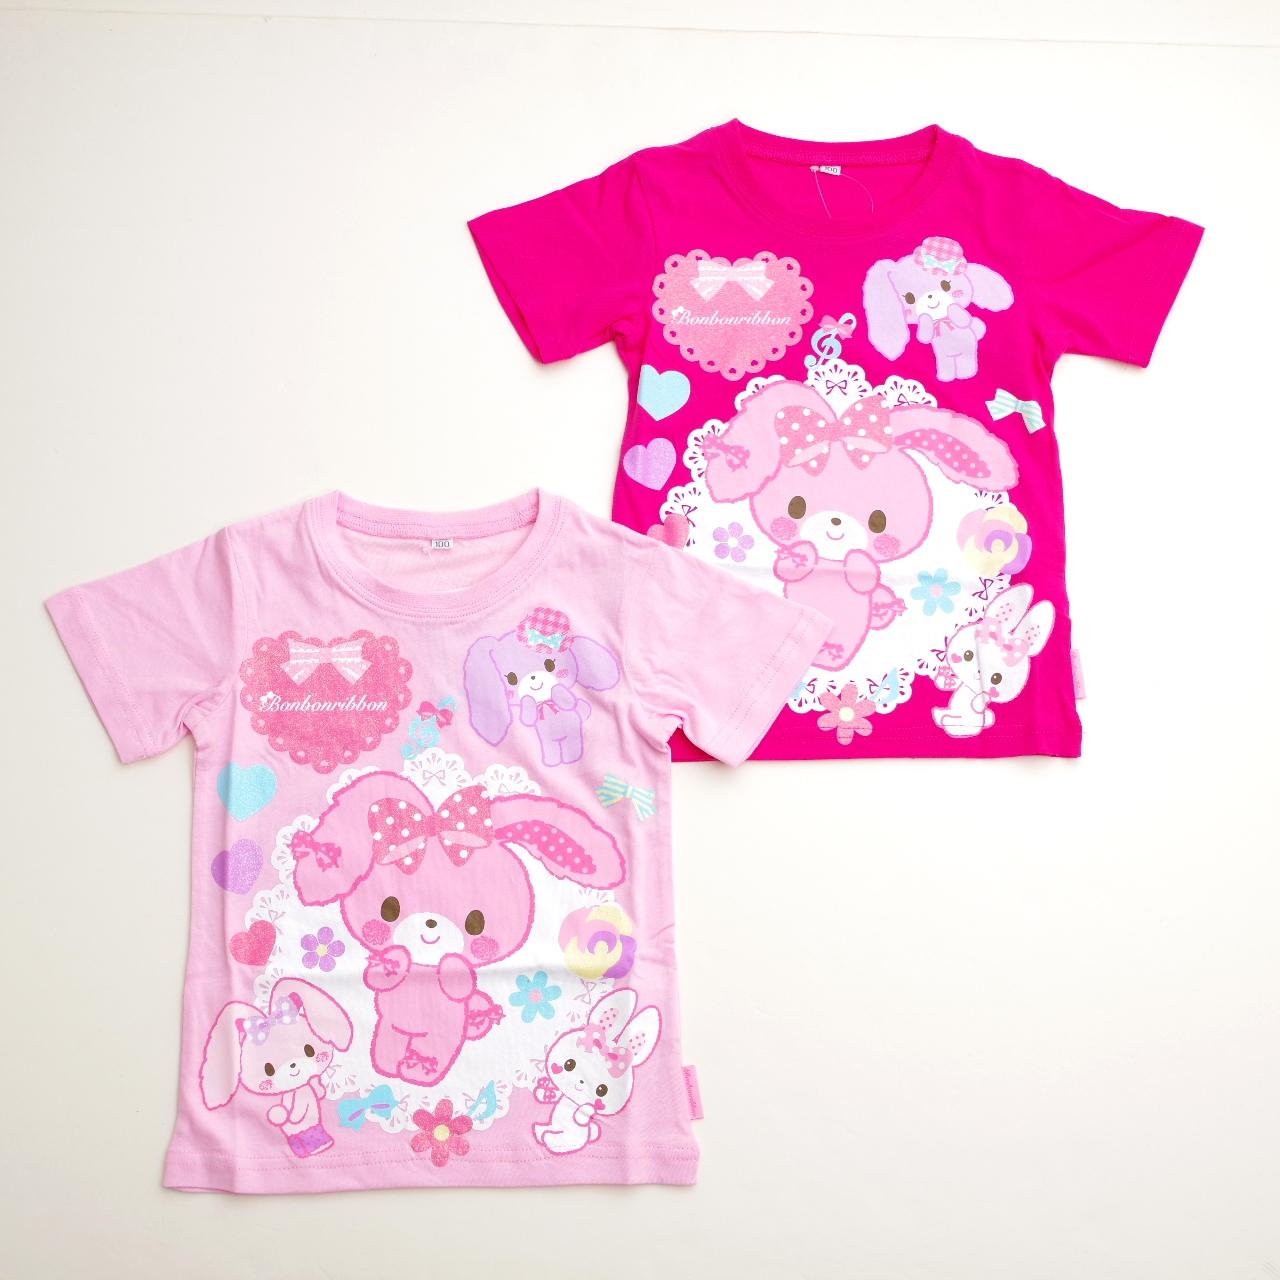 サンリオ ぼんぼんりぼん 半袖Tシャツ 100cm-130cm (742BO0011)